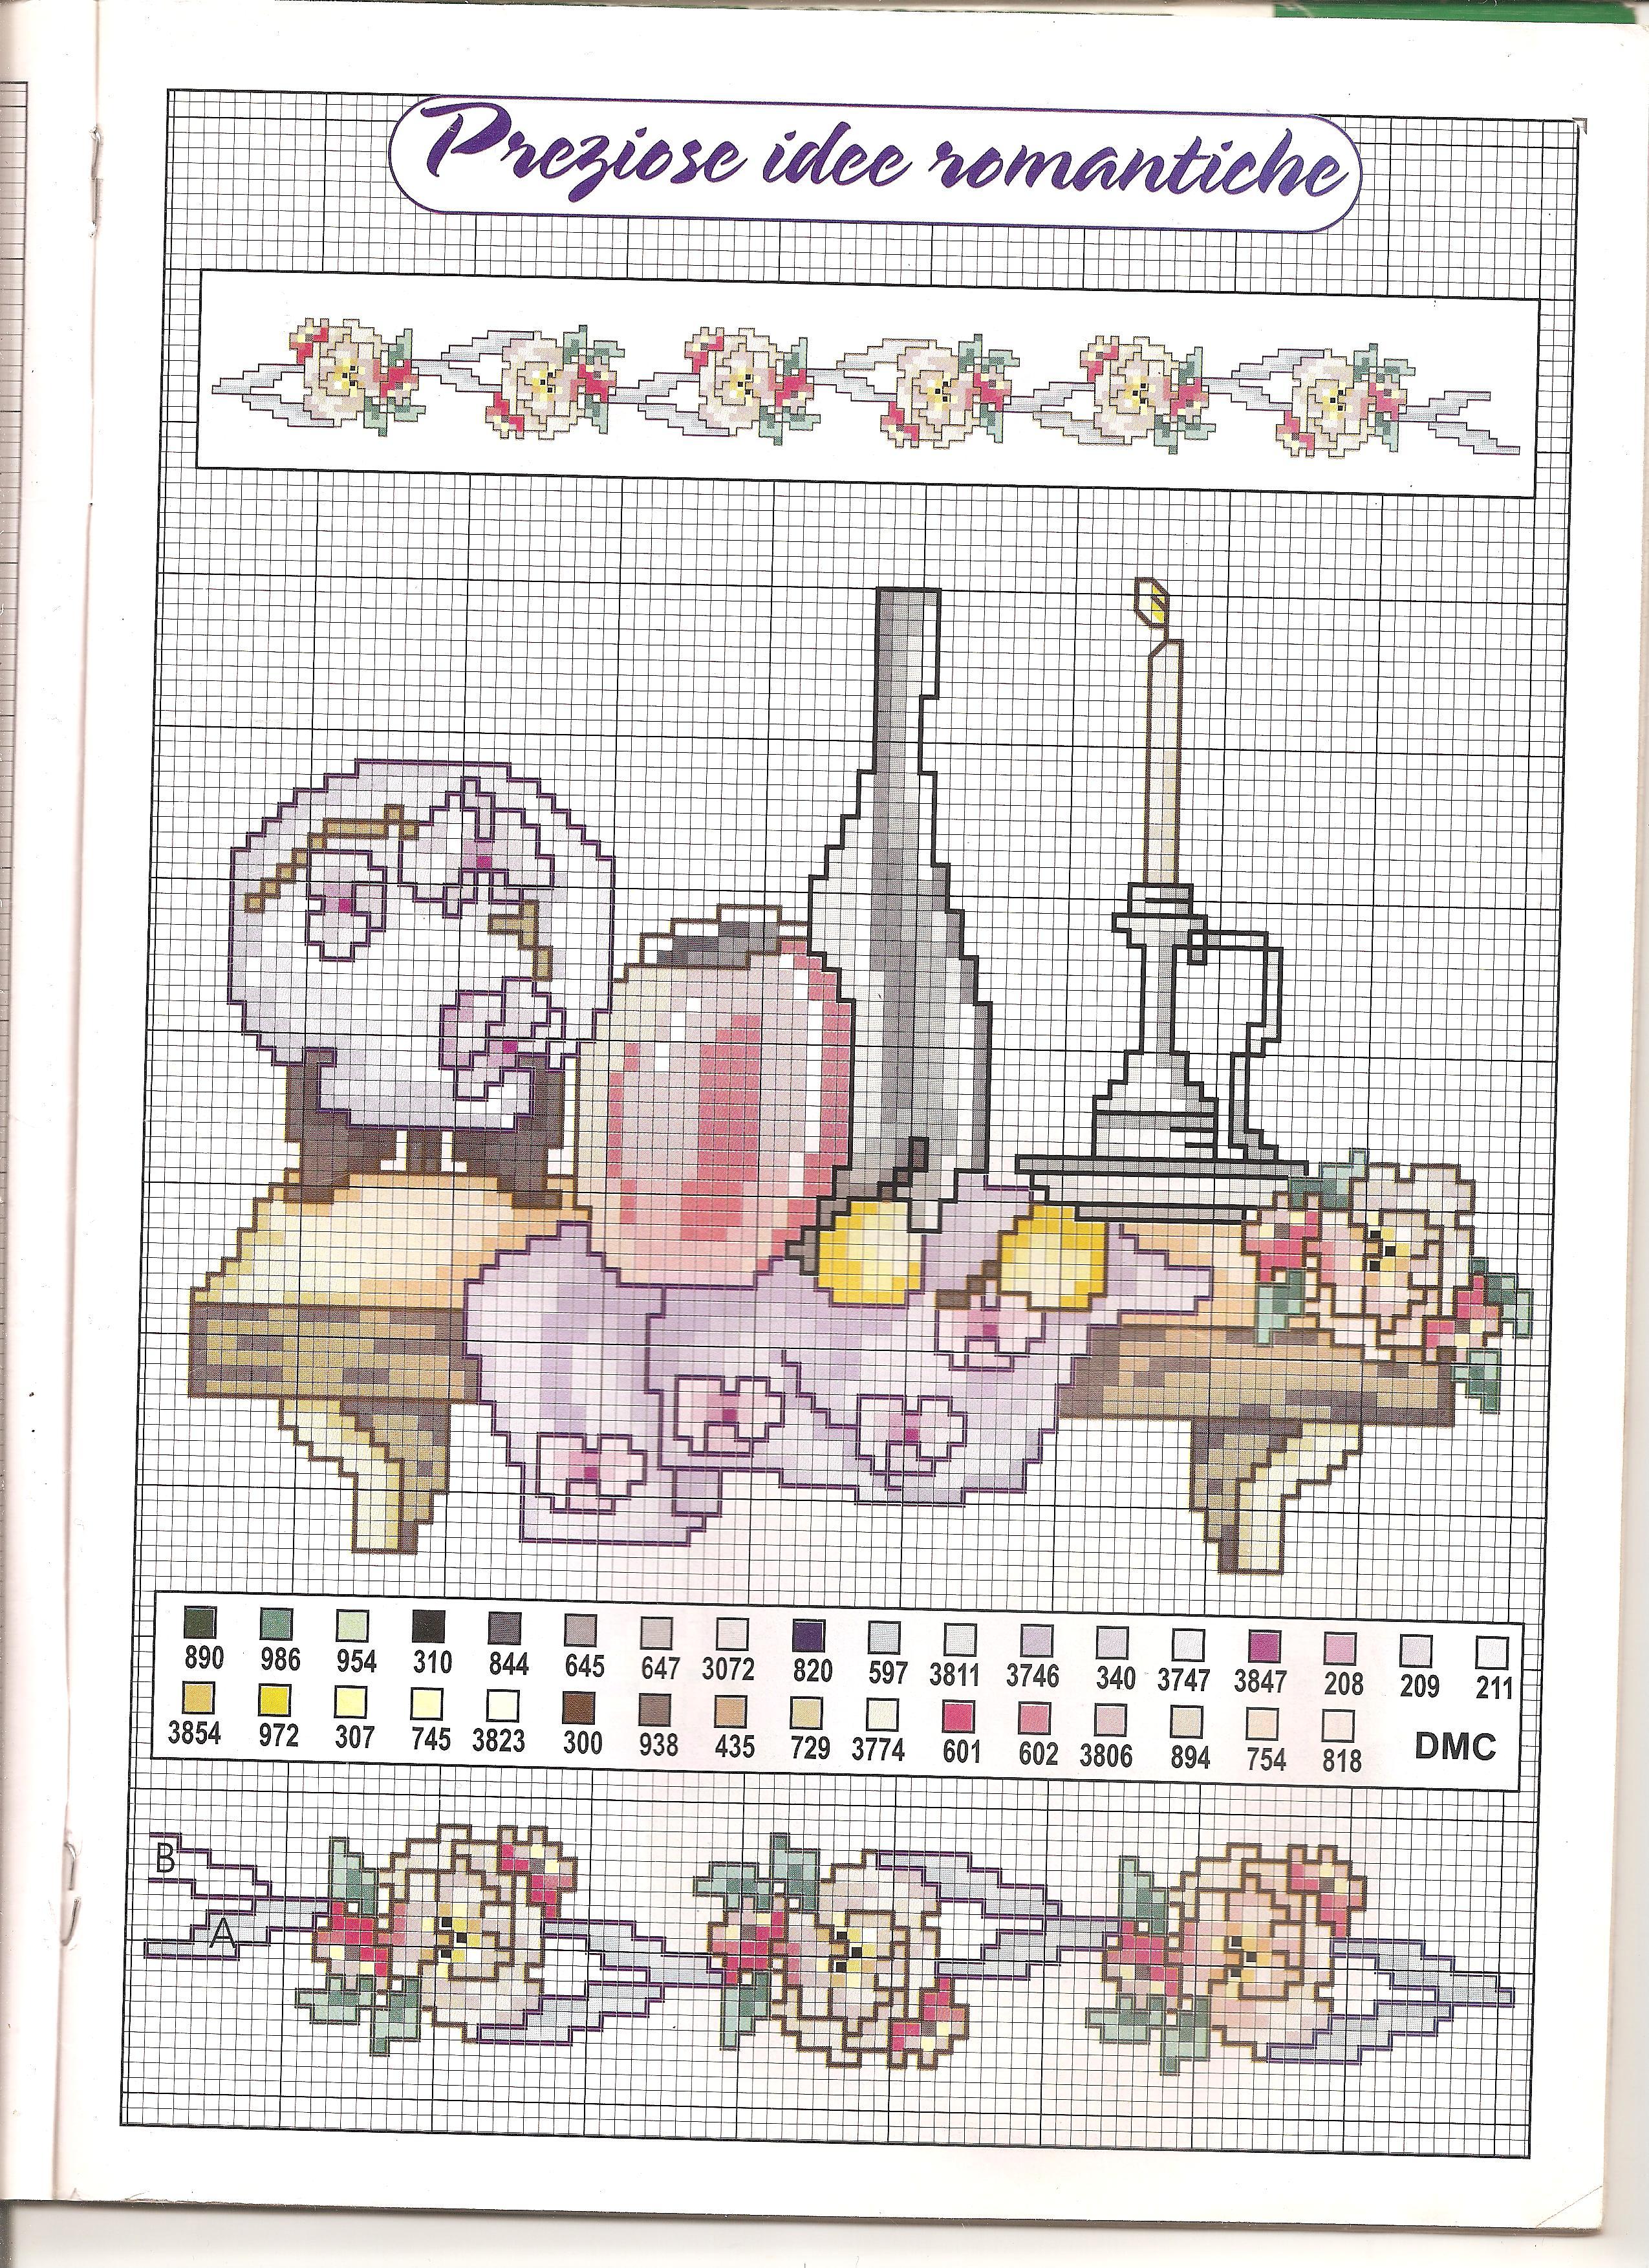 Cucina mensolina punto croce uncinetto schemi gratis hobby creativi - Disegni per cucina ...